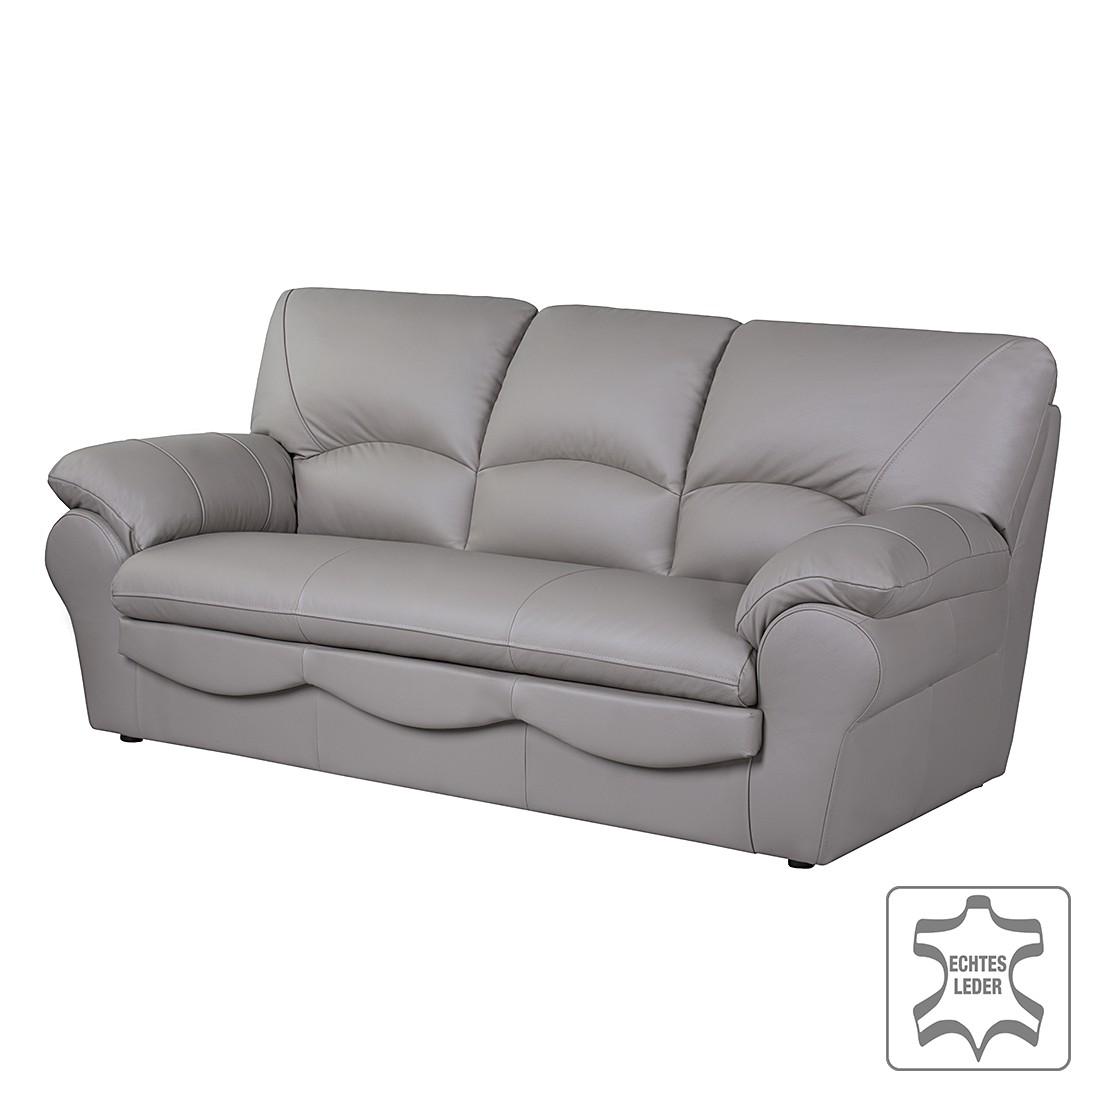 Sofa Torsby (3-Sitzer) – Echtleder Taupe, Nuovoform günstig online kaufen